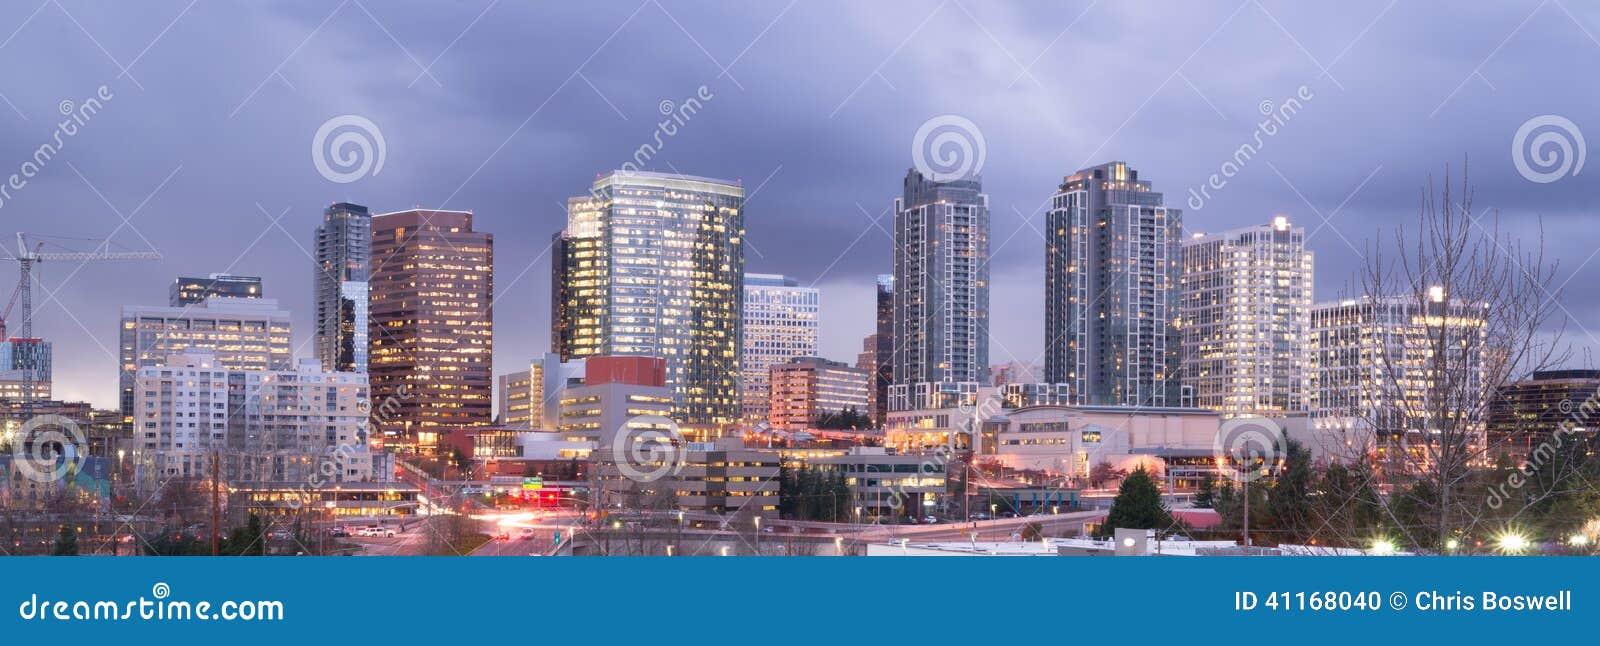 明亮的光城市地平线街市Bellevue华盛顿美国